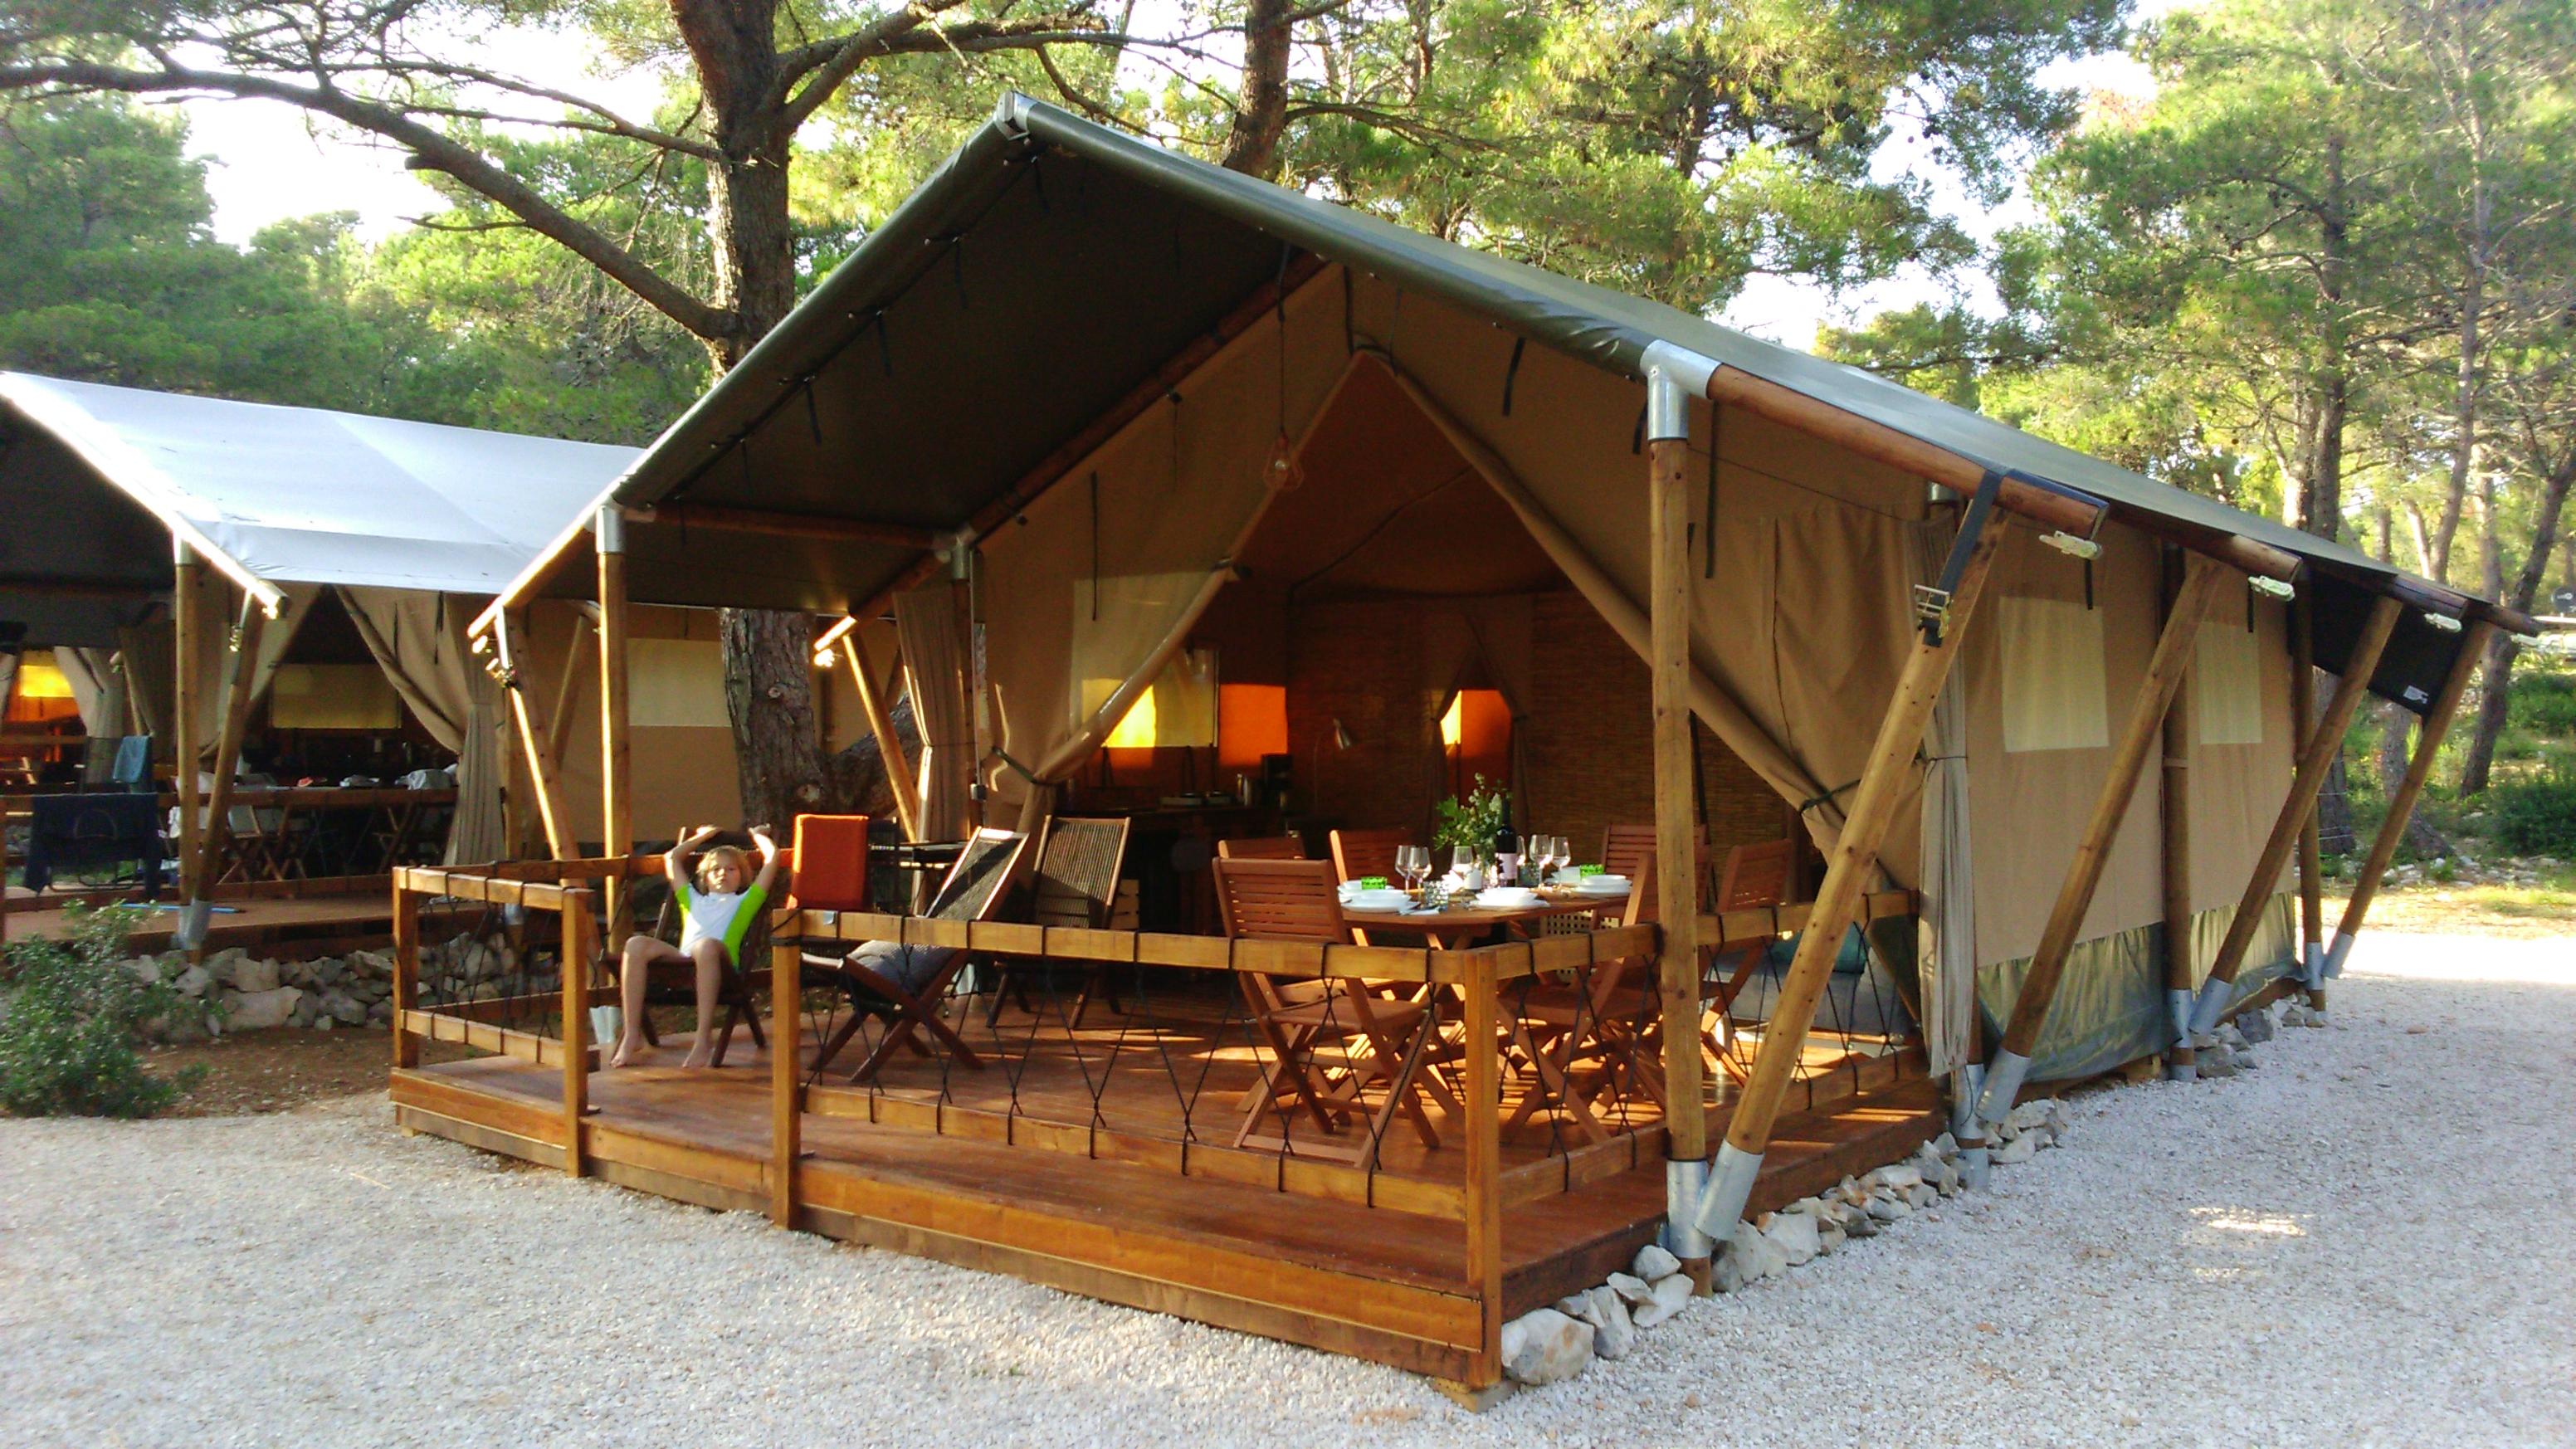 Safari Tent 1 Lo Inj Glamping Rent A Tent In Camp Čikat